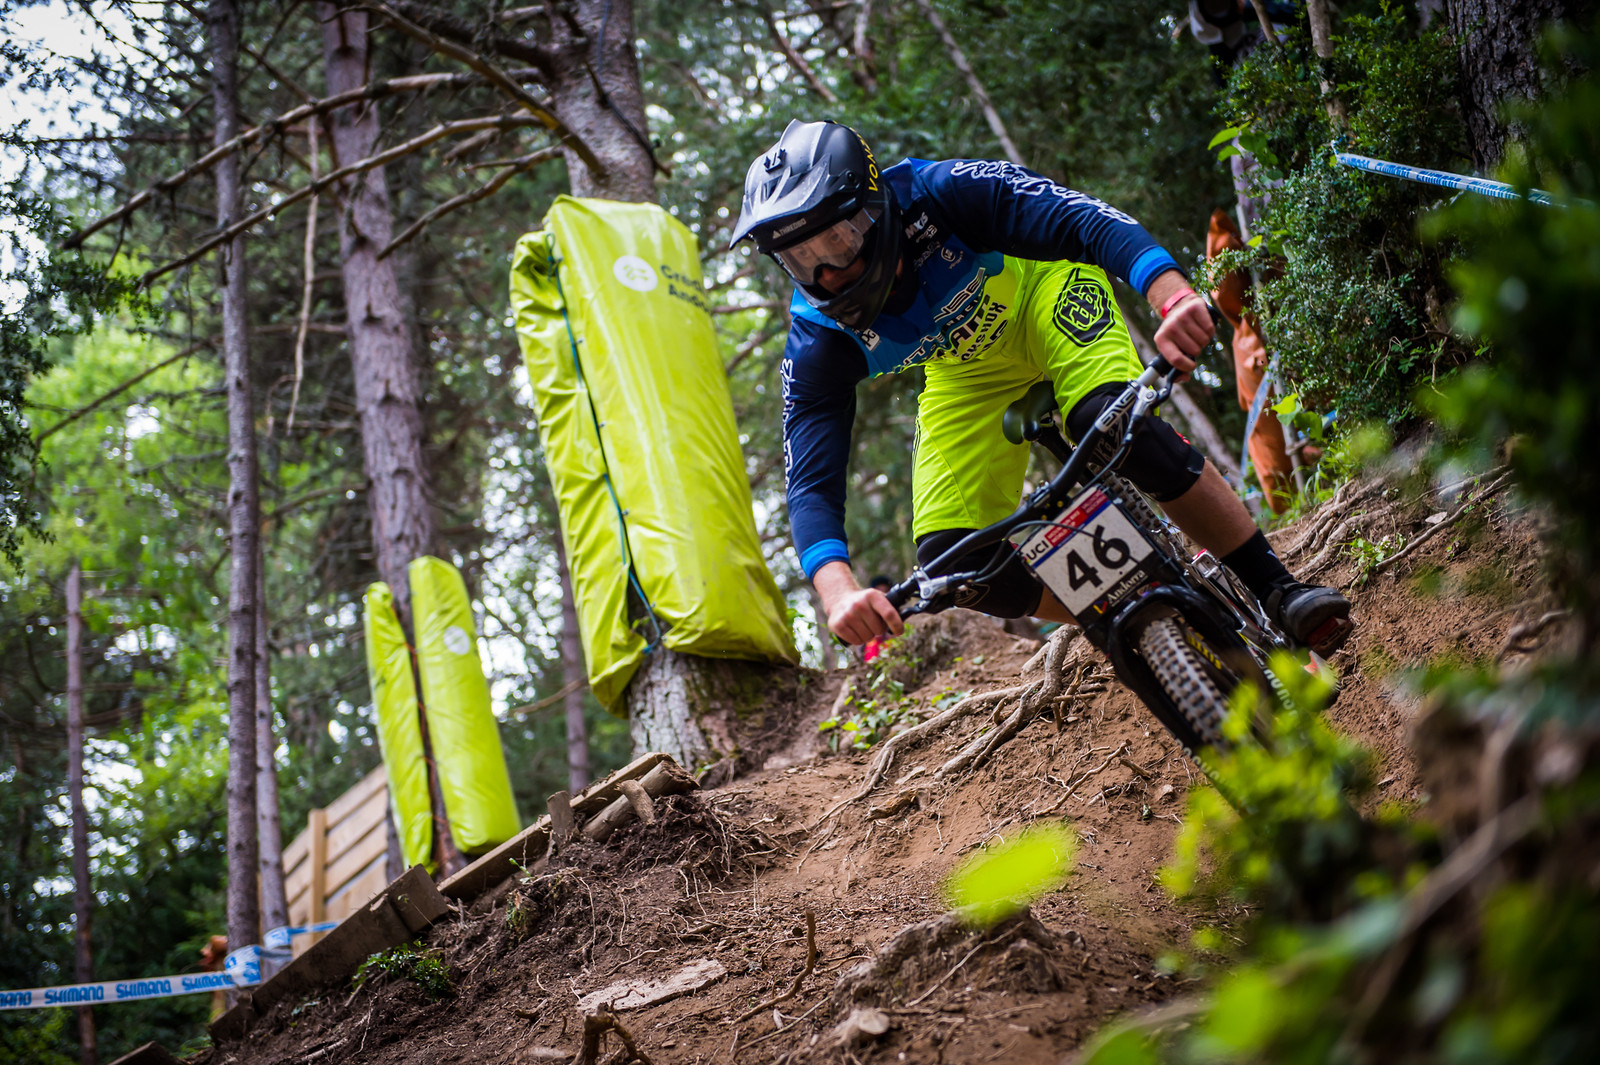 Dean Lucas Finals - iceman2058 - Mountain Biking Pictures - Vital MTB